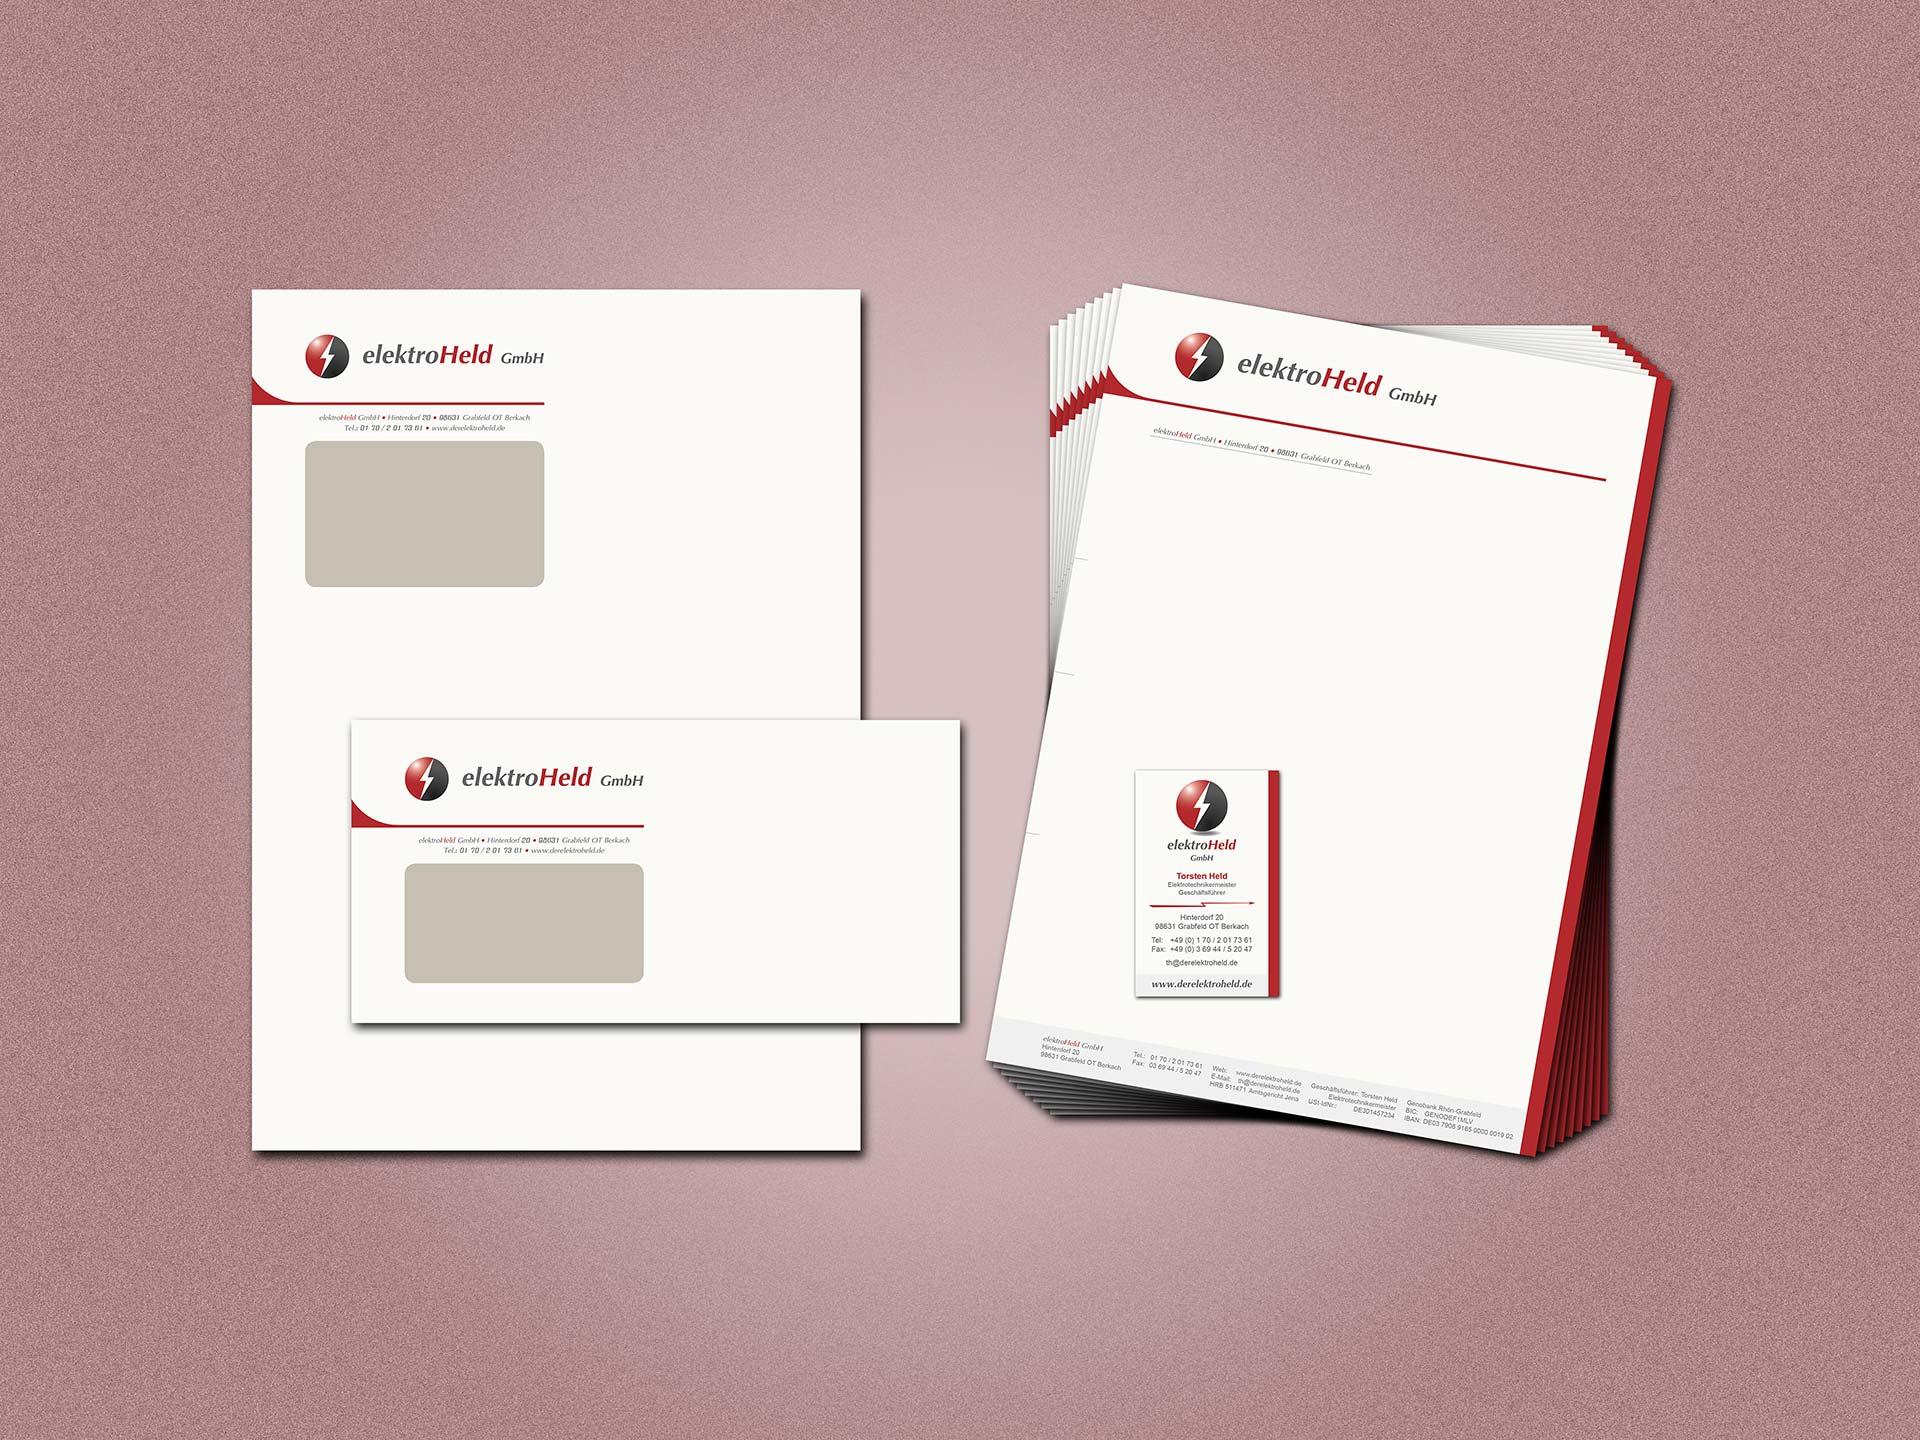 Geschäftsausstattung Elektro Held GmbH: Briefbogen, Biefumschlag, Versandtasche, Visitenkarte